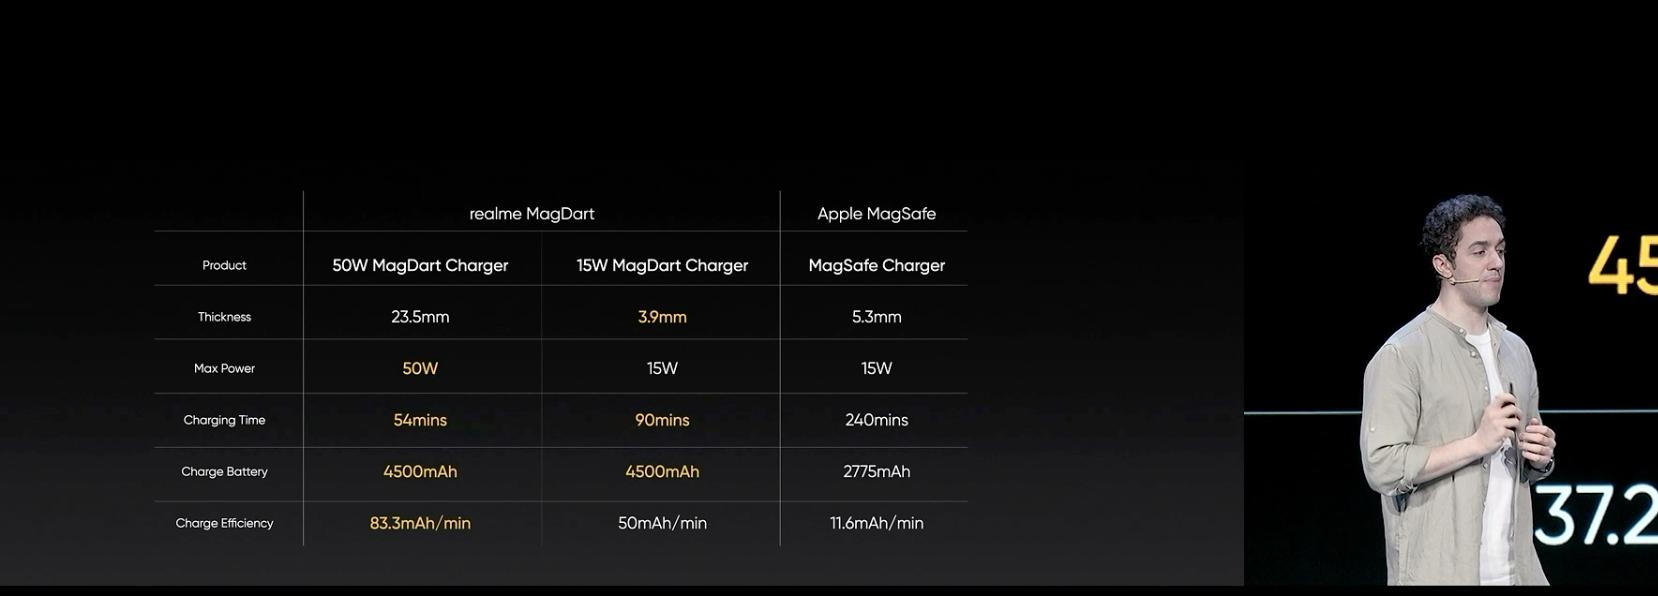 50W磁吸闪充来了!还有多款配件登场!realme这次目标干翻苹果?